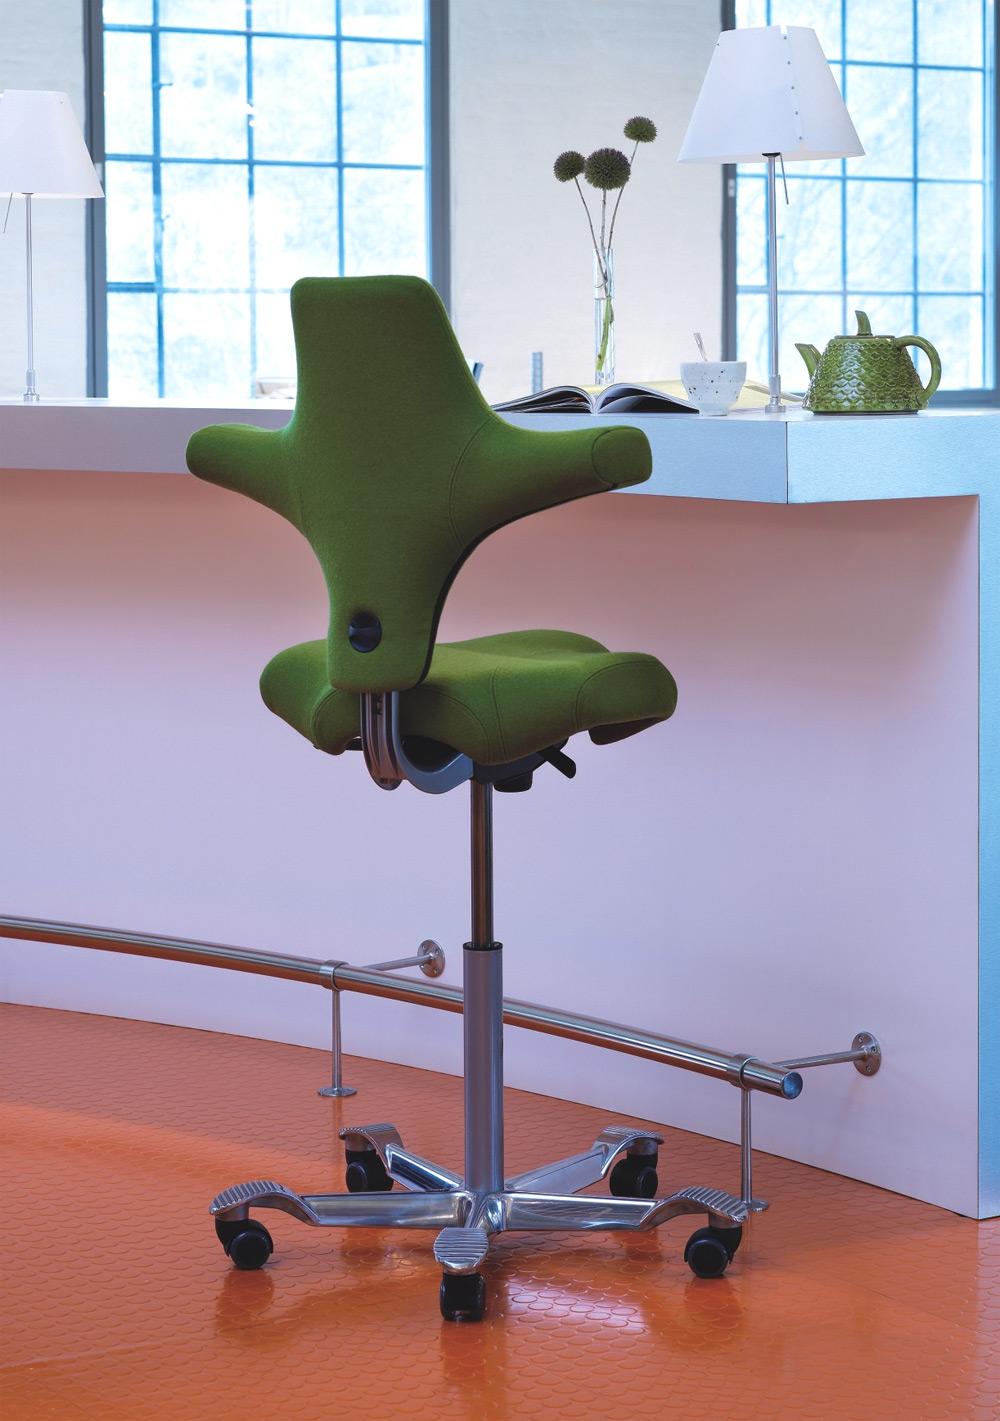 Le 10 migliori sedie ergonomiche da ufficio for Musica rilassante da ufficio